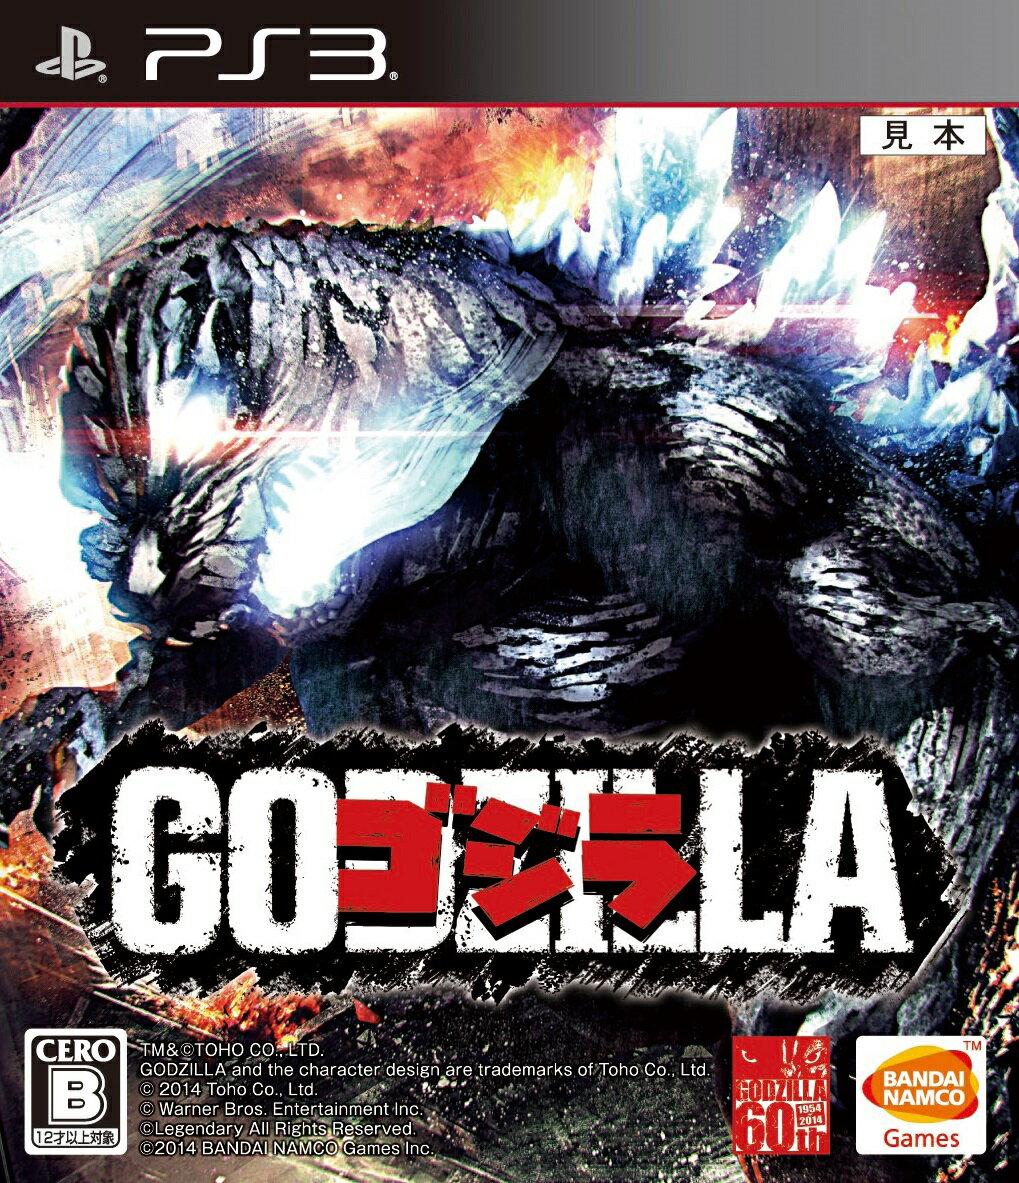 【予約】ゴジラ -GODZILLA-